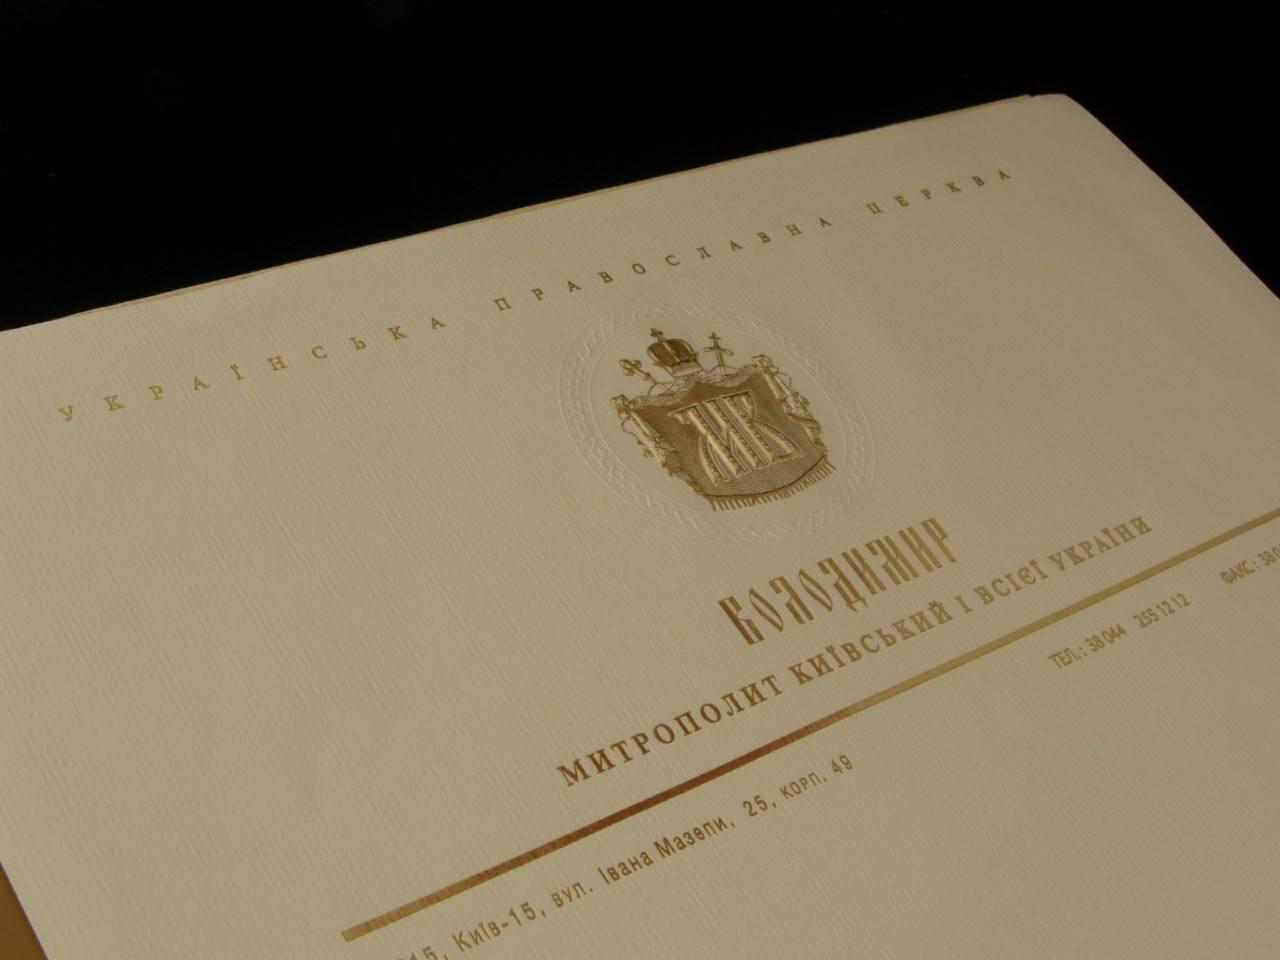 Это бланк УПЦ официальный Метрополит Владимир